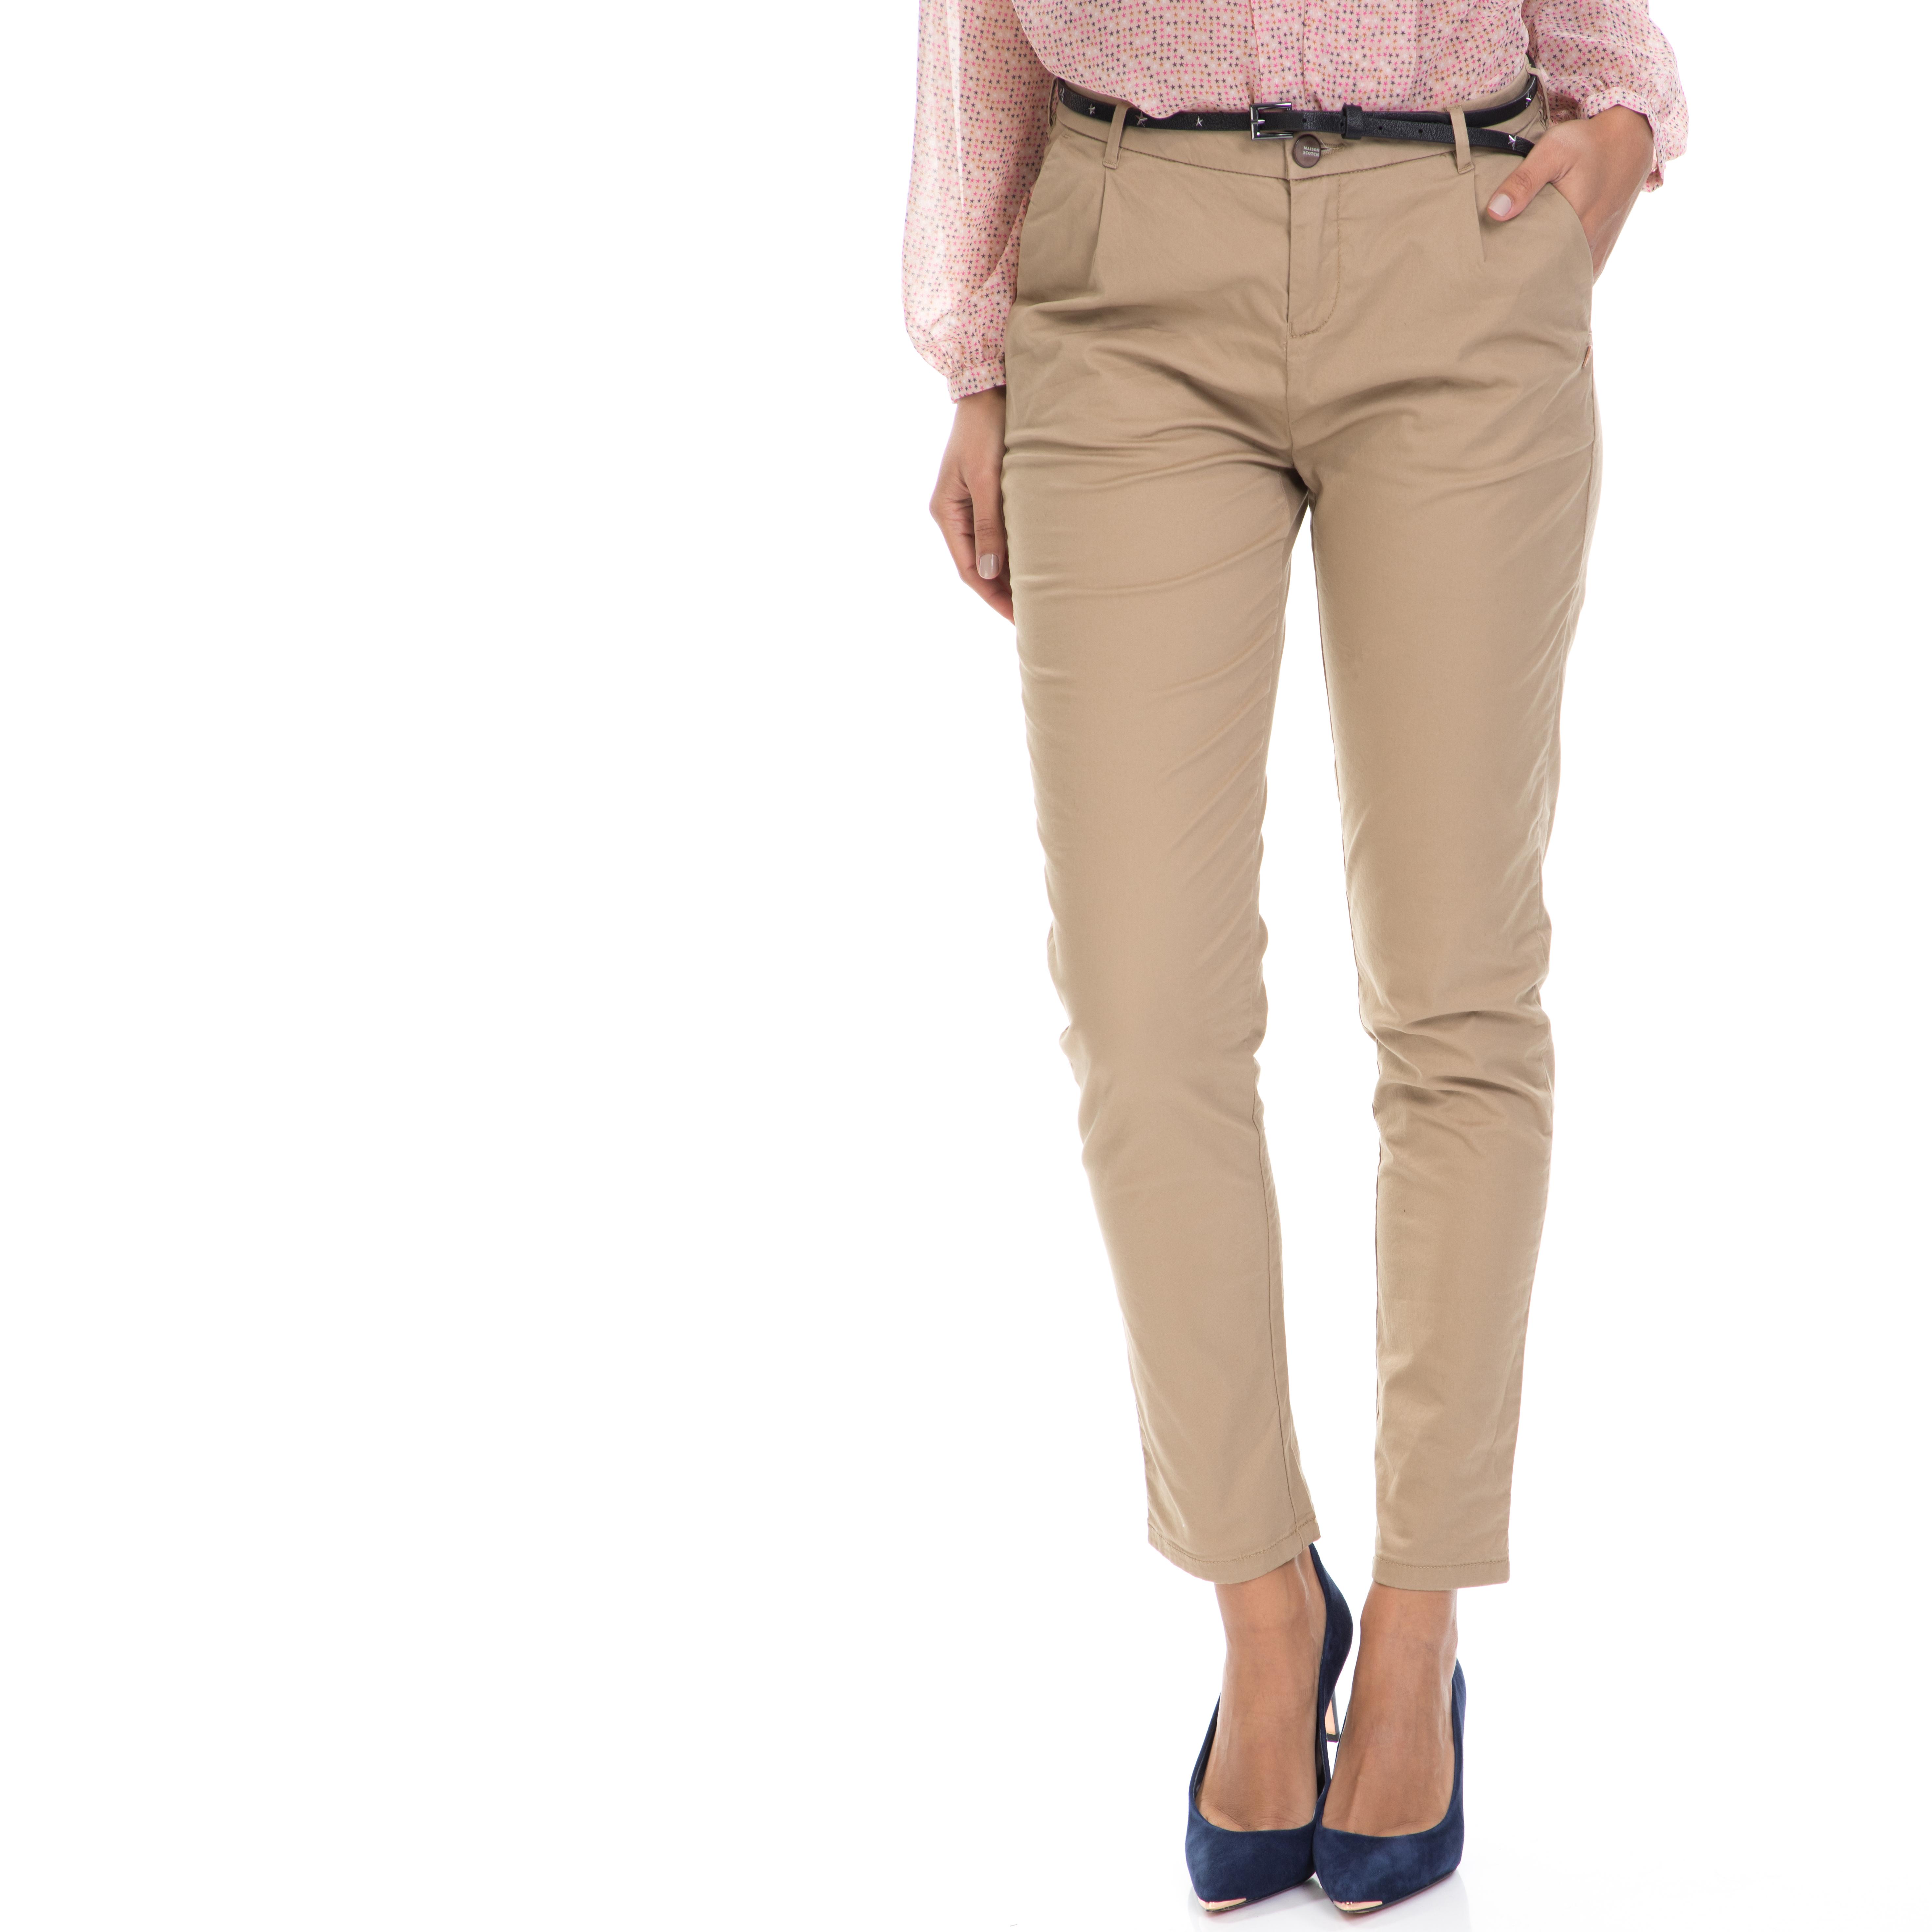 MAISON SCOTCH – Γυναικείο παντελόνι MAISON SCOTCH μπεζ